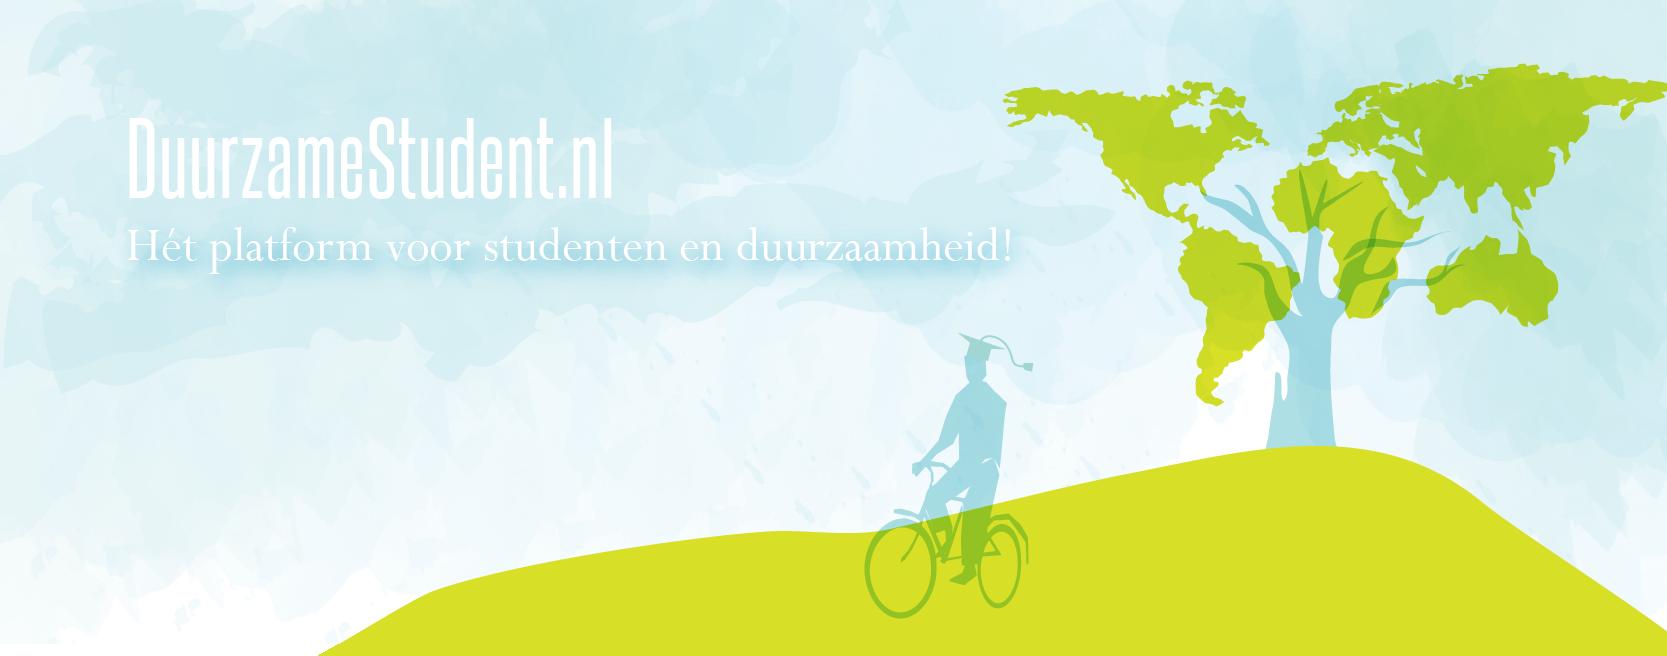 Gezocht: Hoofd- En Eindredacteur DuurzameStudent.nl (5-8 Uur P/week)